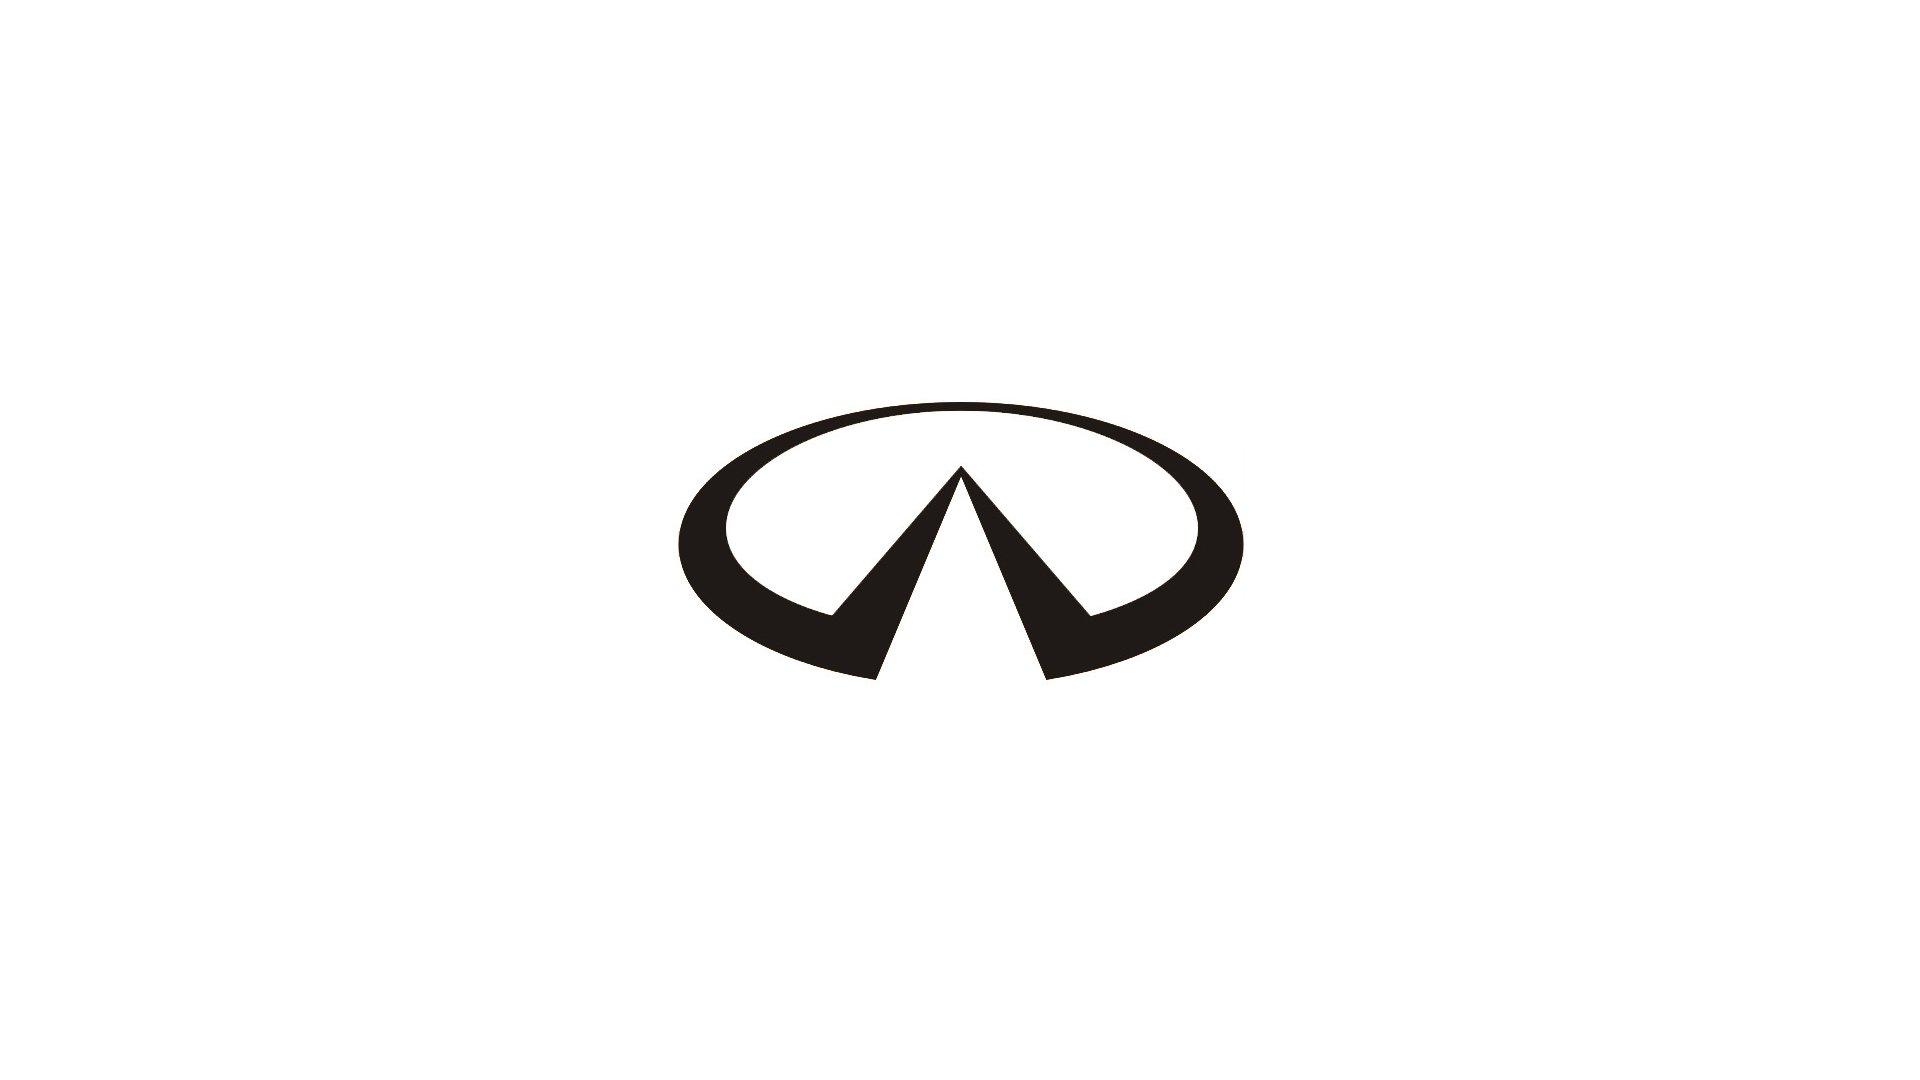 Infiniti сообщили о рекордных продажах по миру за февраль 2016 года